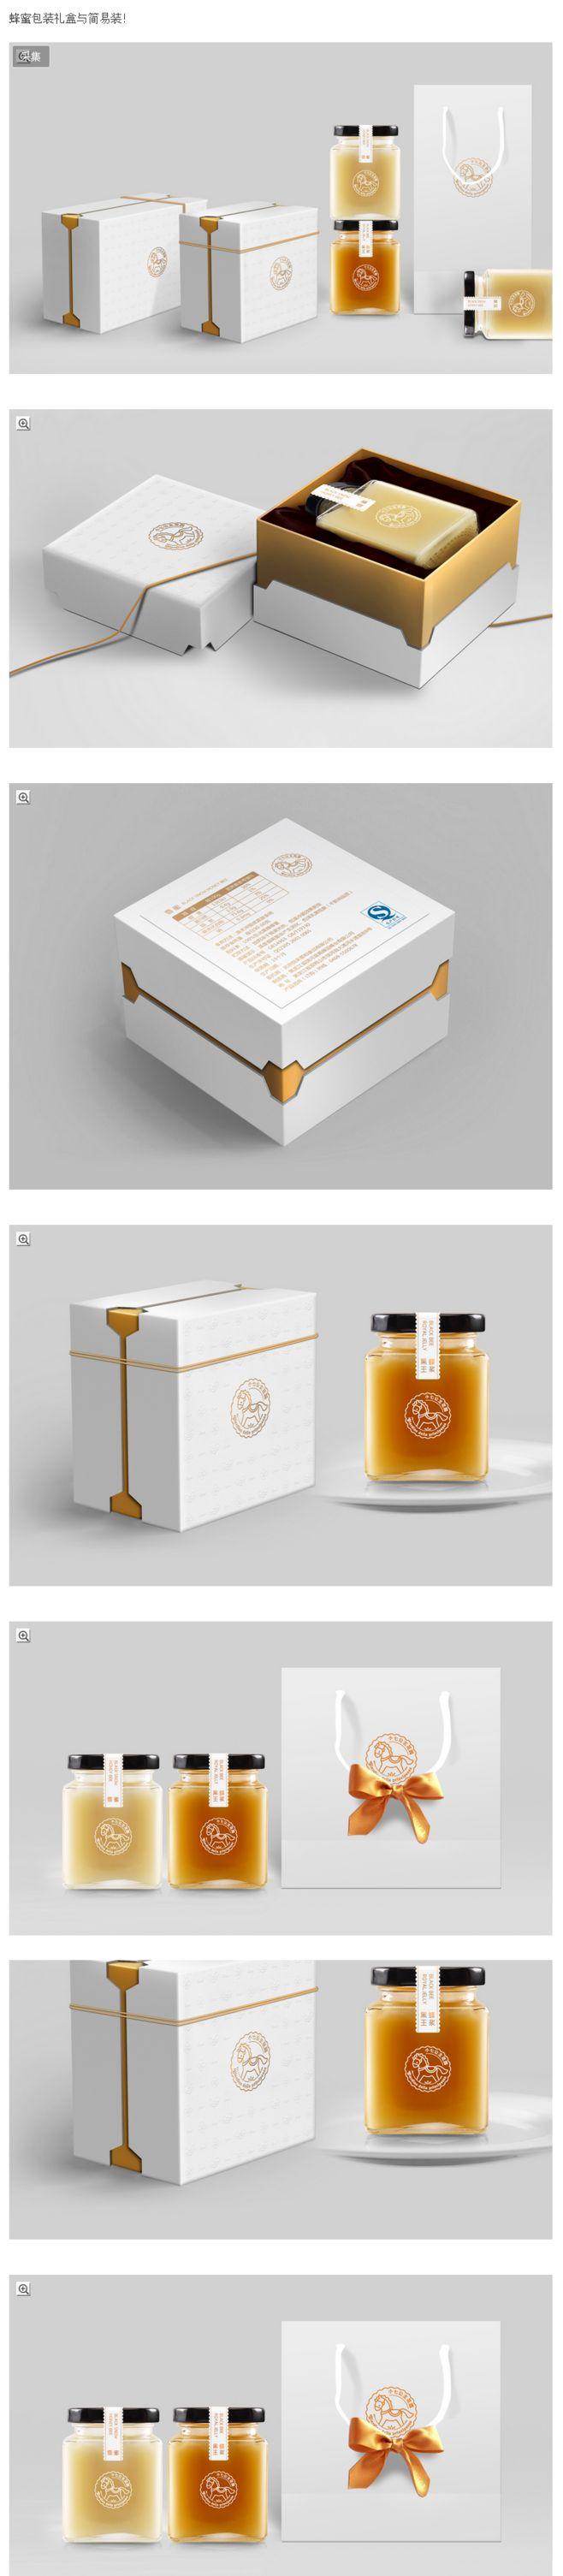 食品包装-蜂蜜包装-包联网 Black Bee Royal Jelly PD